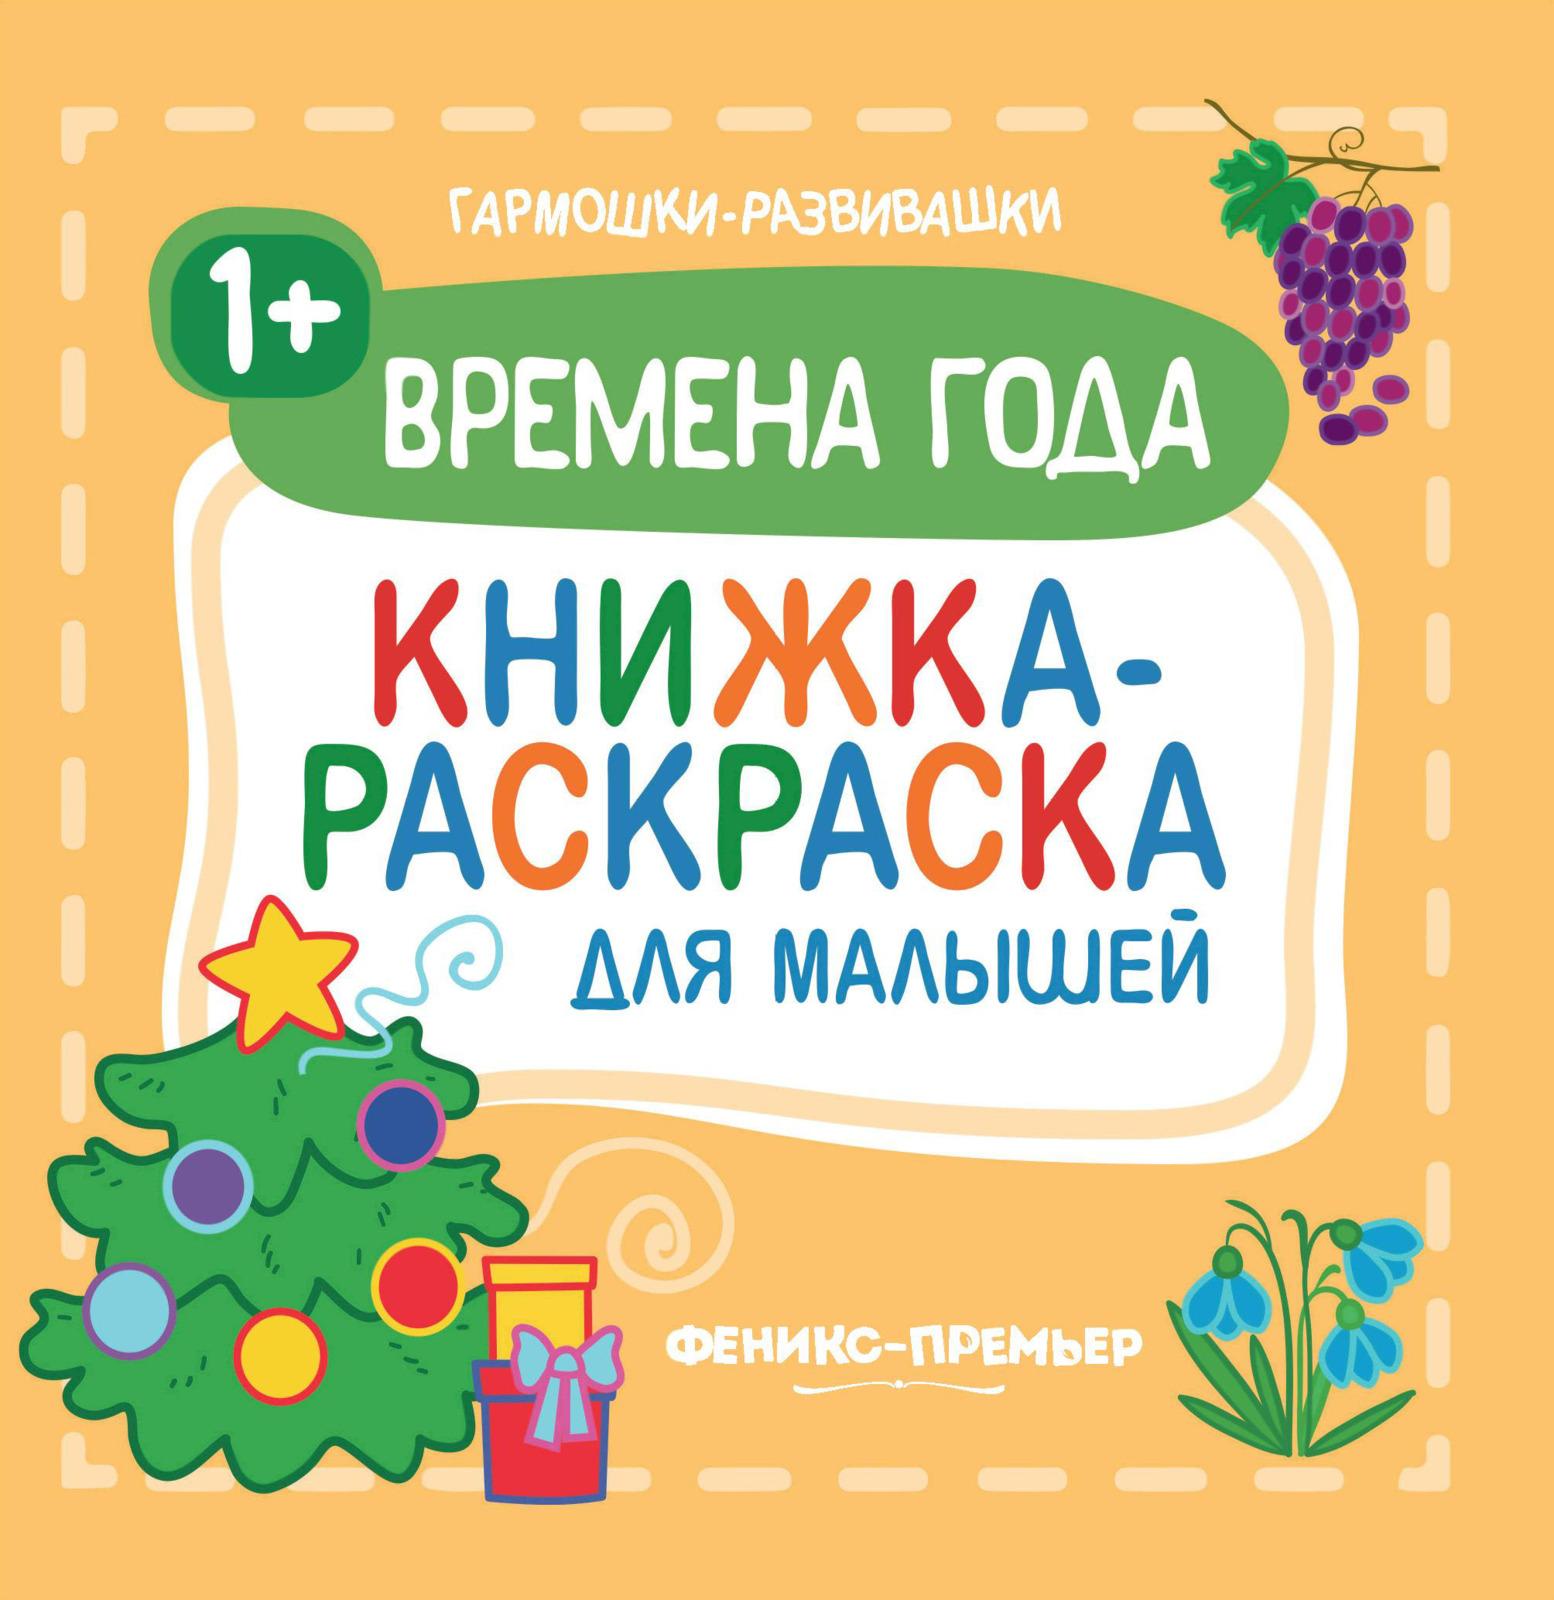 Времена года 1+. Книжка-раскраска для малышей